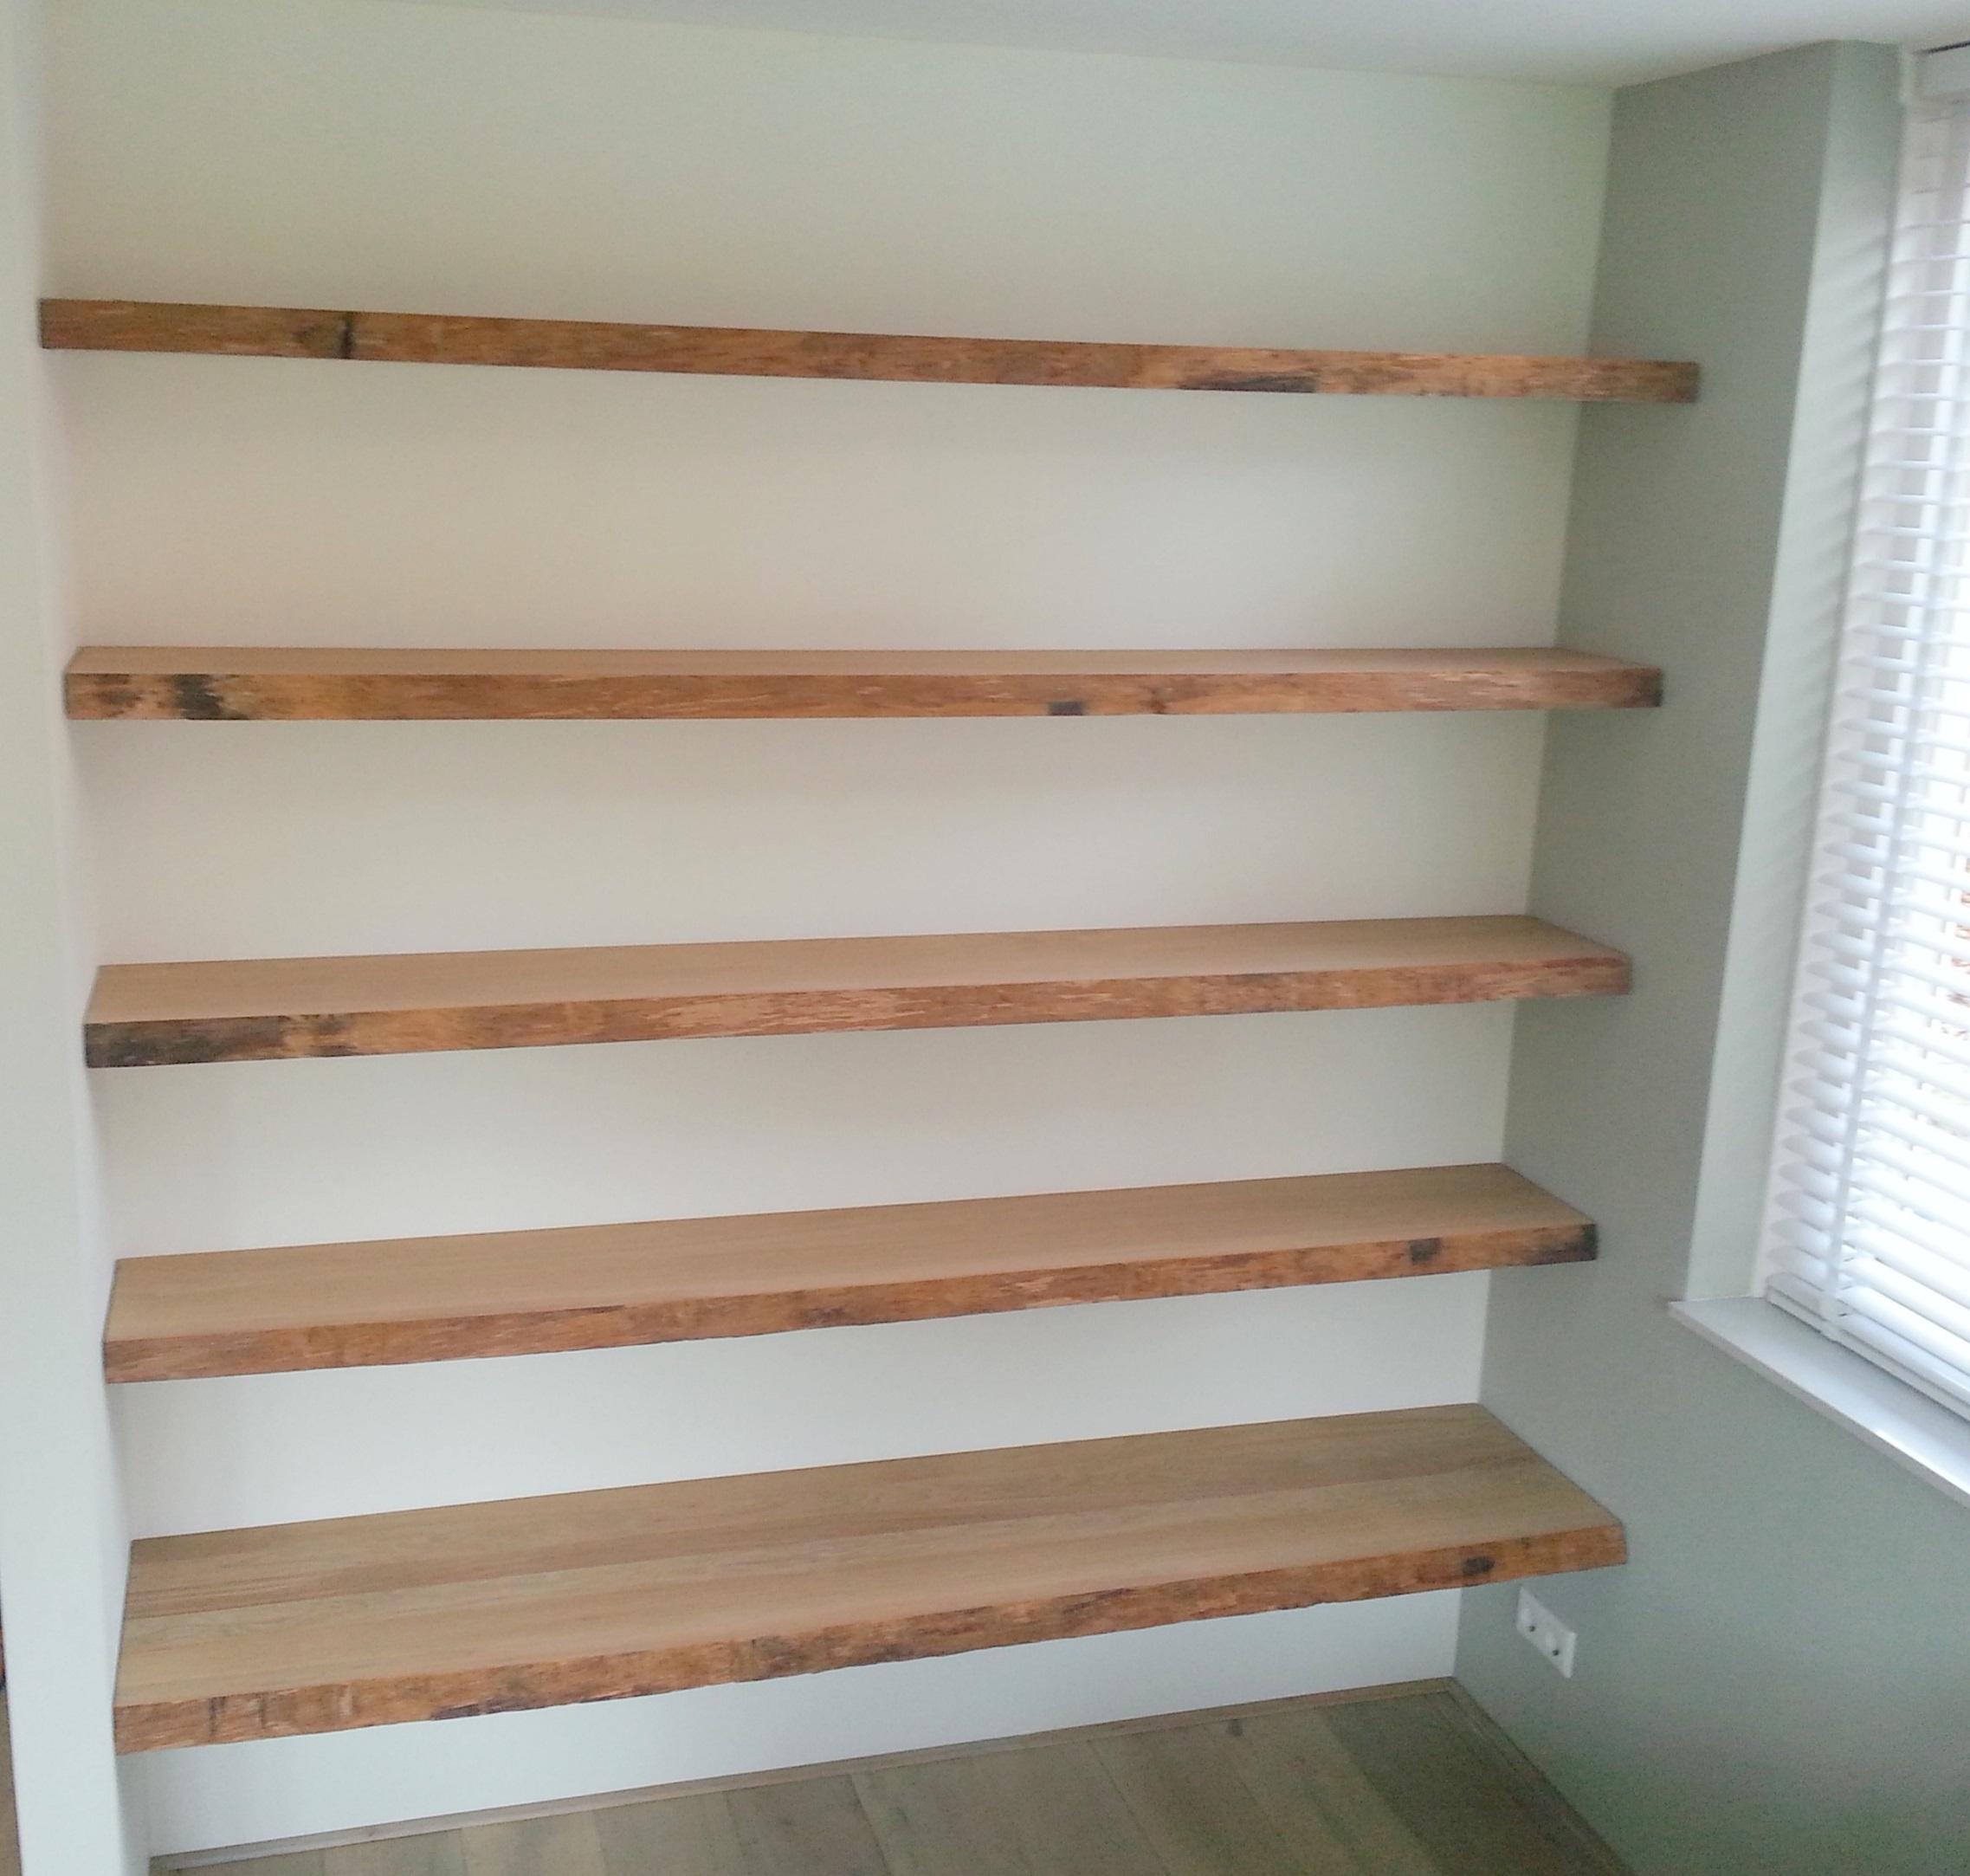 Rvs Wandplank Op Maat.Robuuste Wandplank Planken Op Maat Van Oud Hout With Robuuste